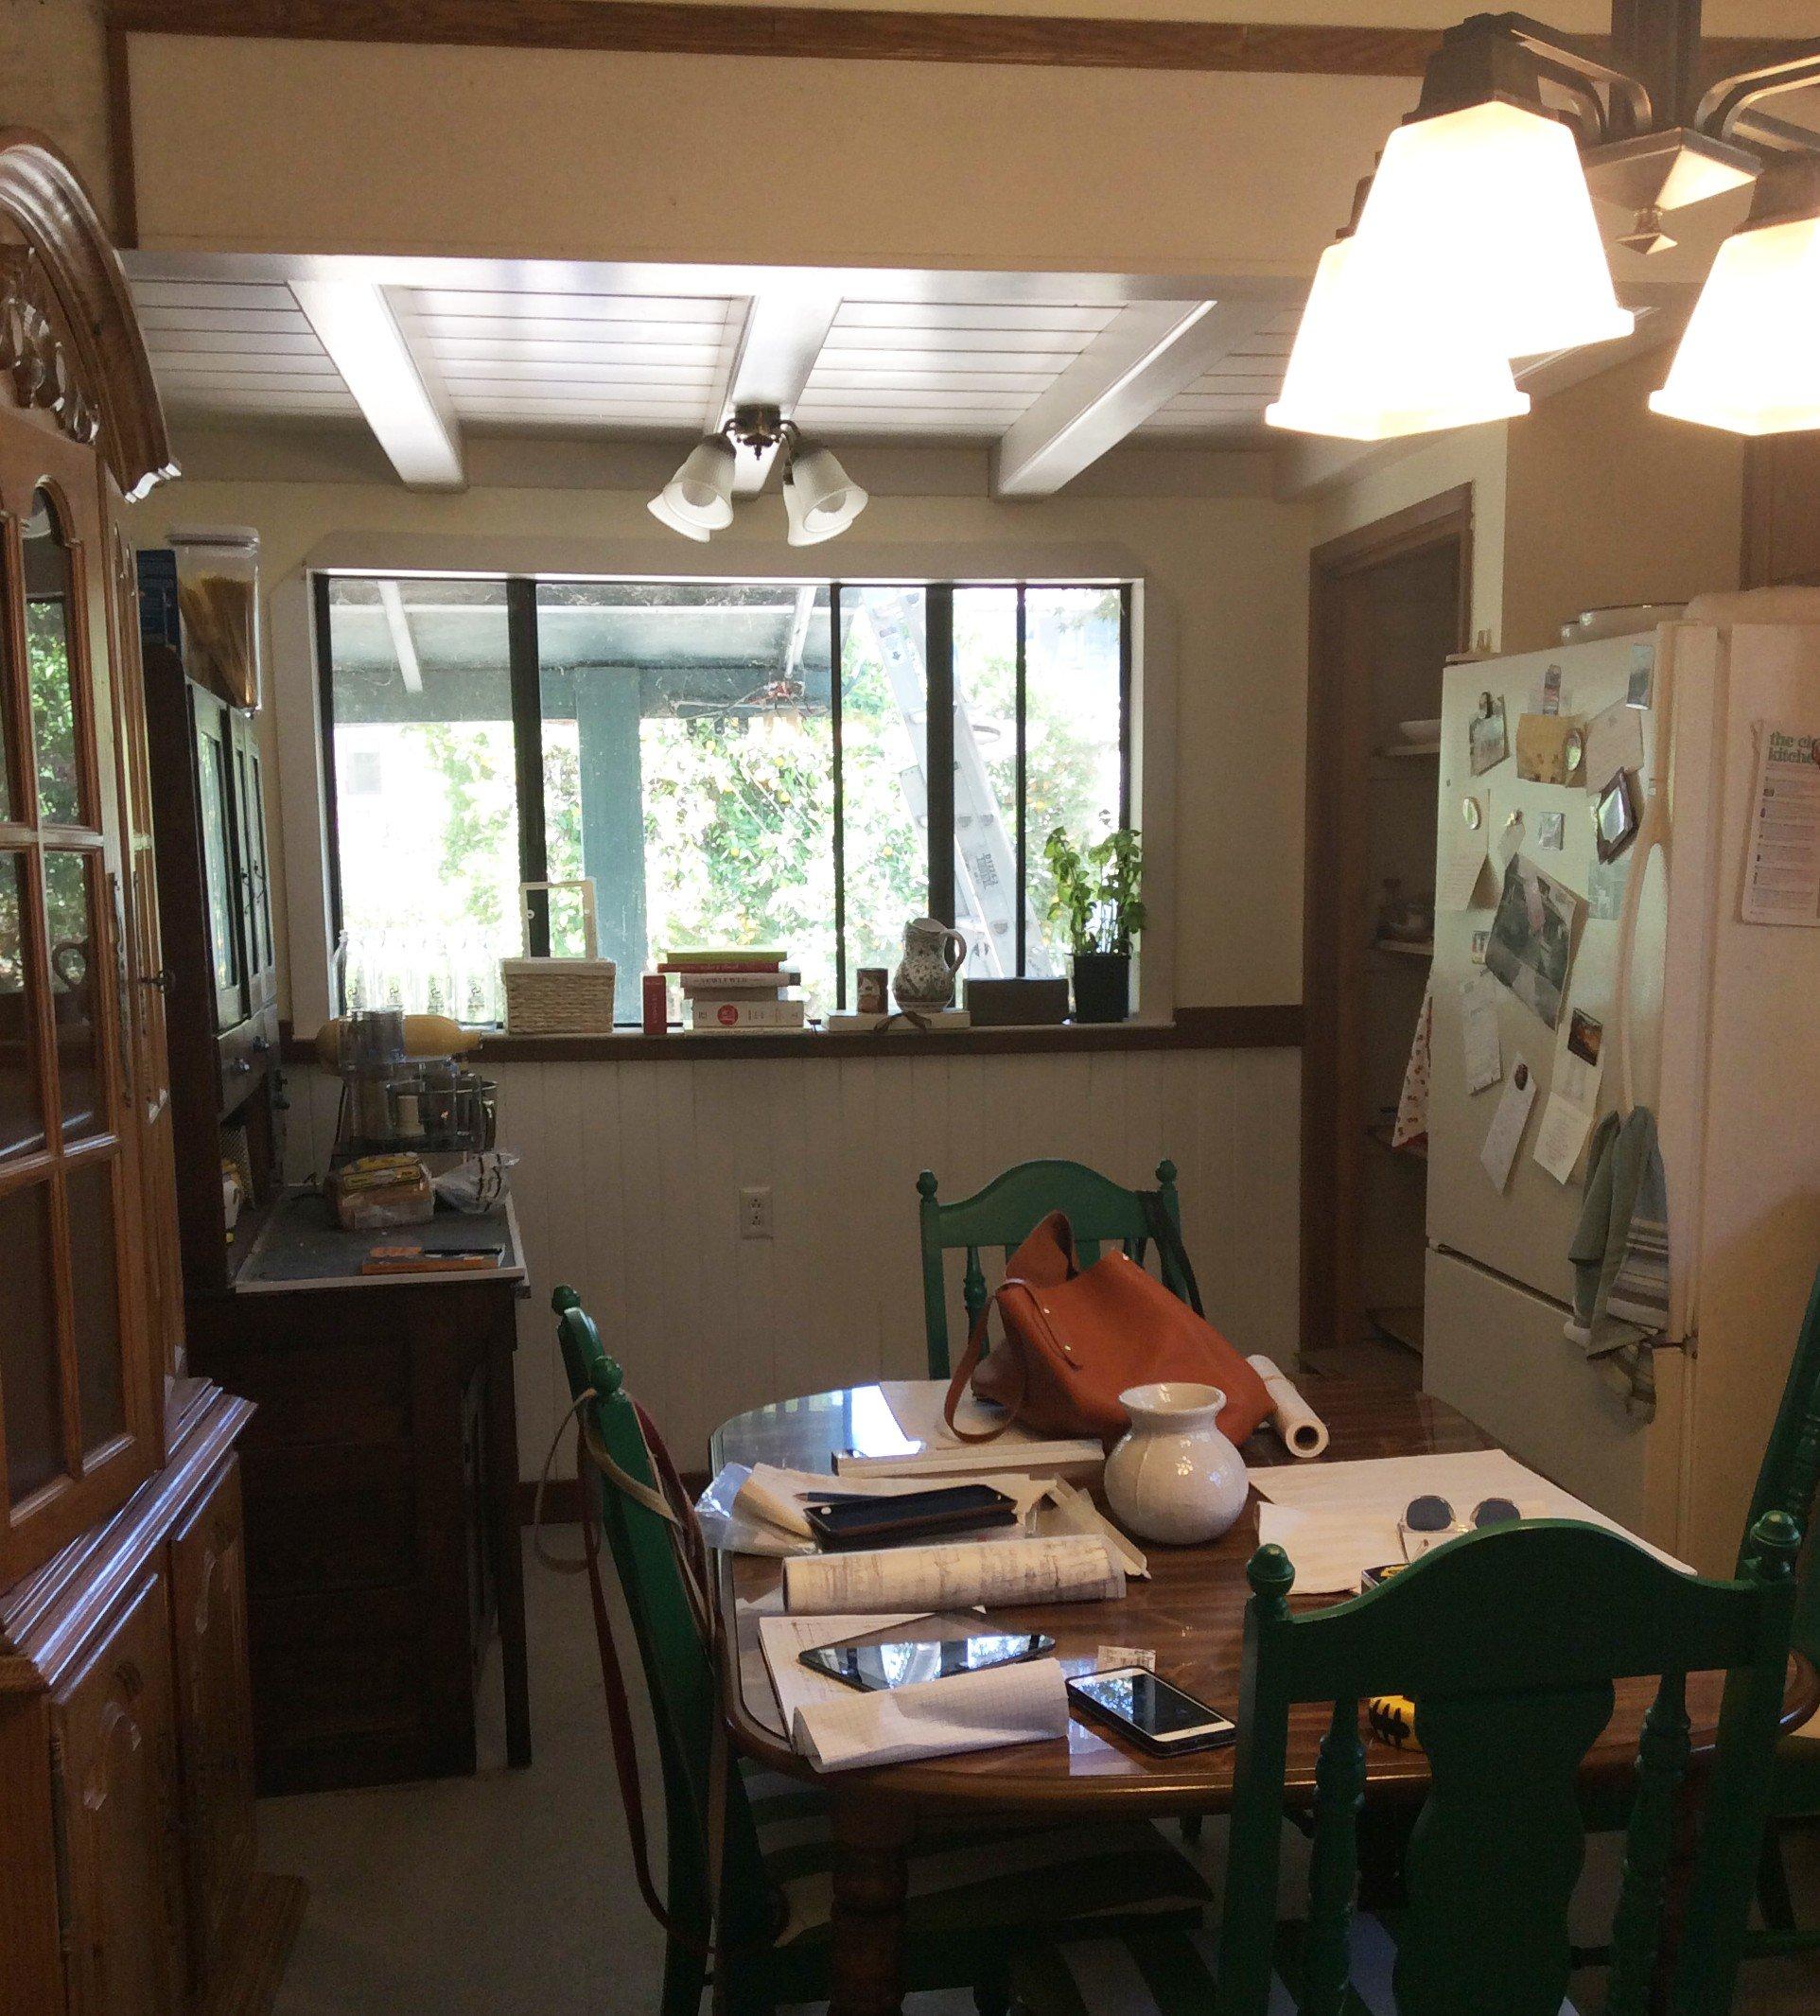 Stylish, Affordable Kitchens